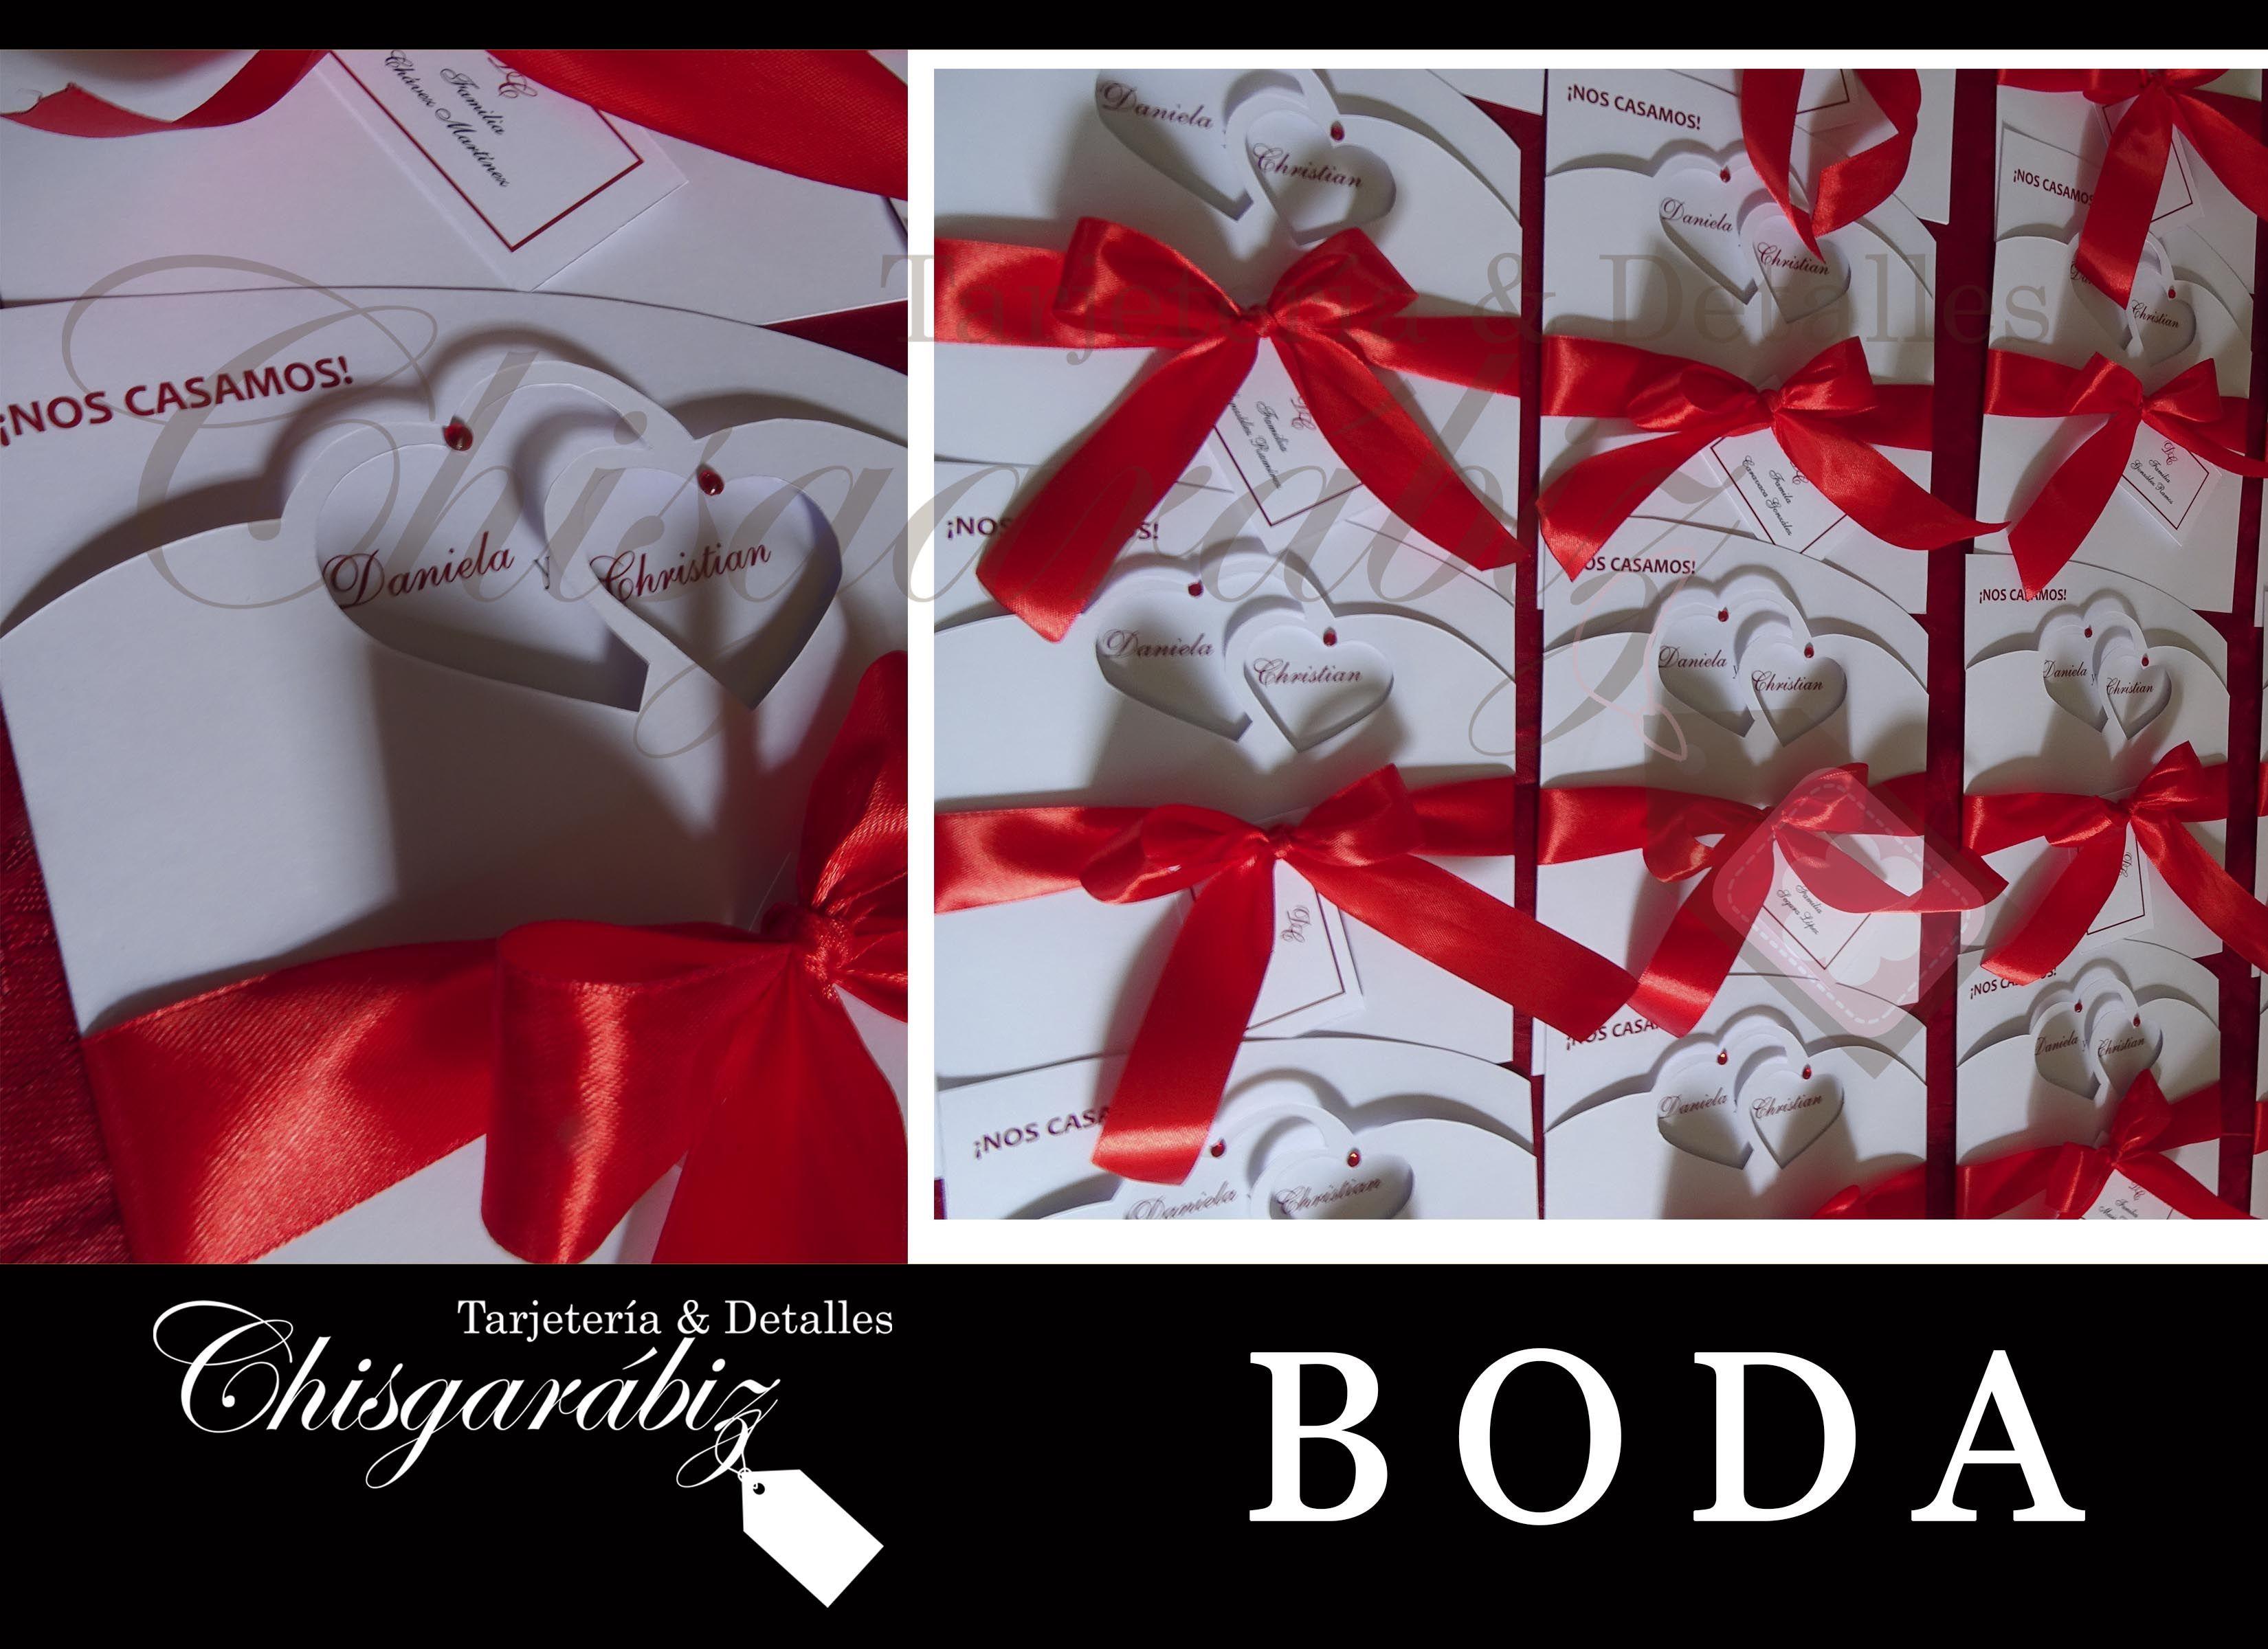 Invitación y todo lo que necesitas para Boda esta en Chisgarábiz, ubicado en san josé COSTA RICA, tel 2235-8132 / chisgarabiz@gmail.com.